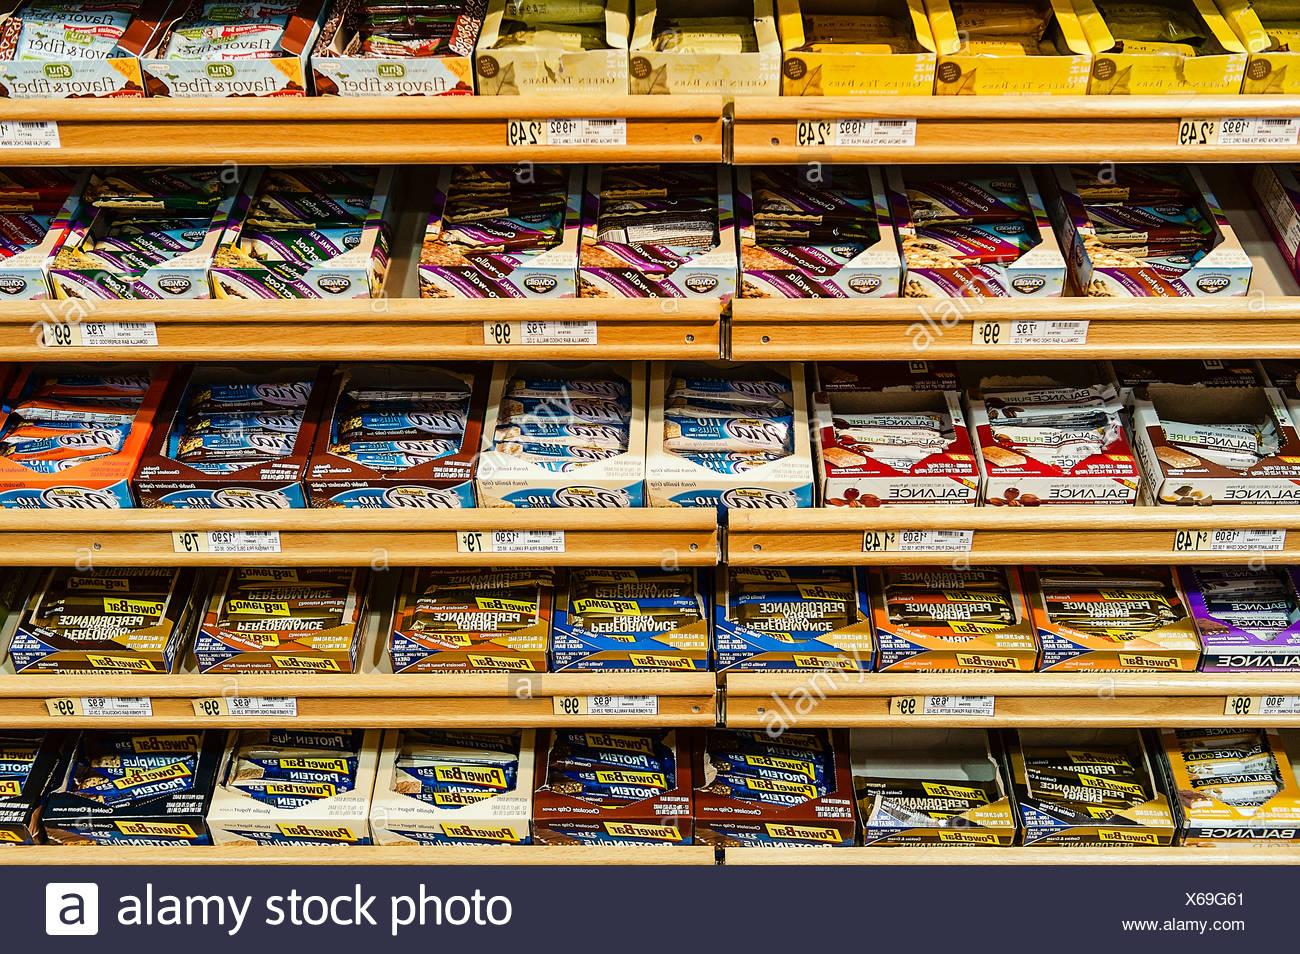 Sélection de bars dans un magasin d'aliments naturels. Photo Stock